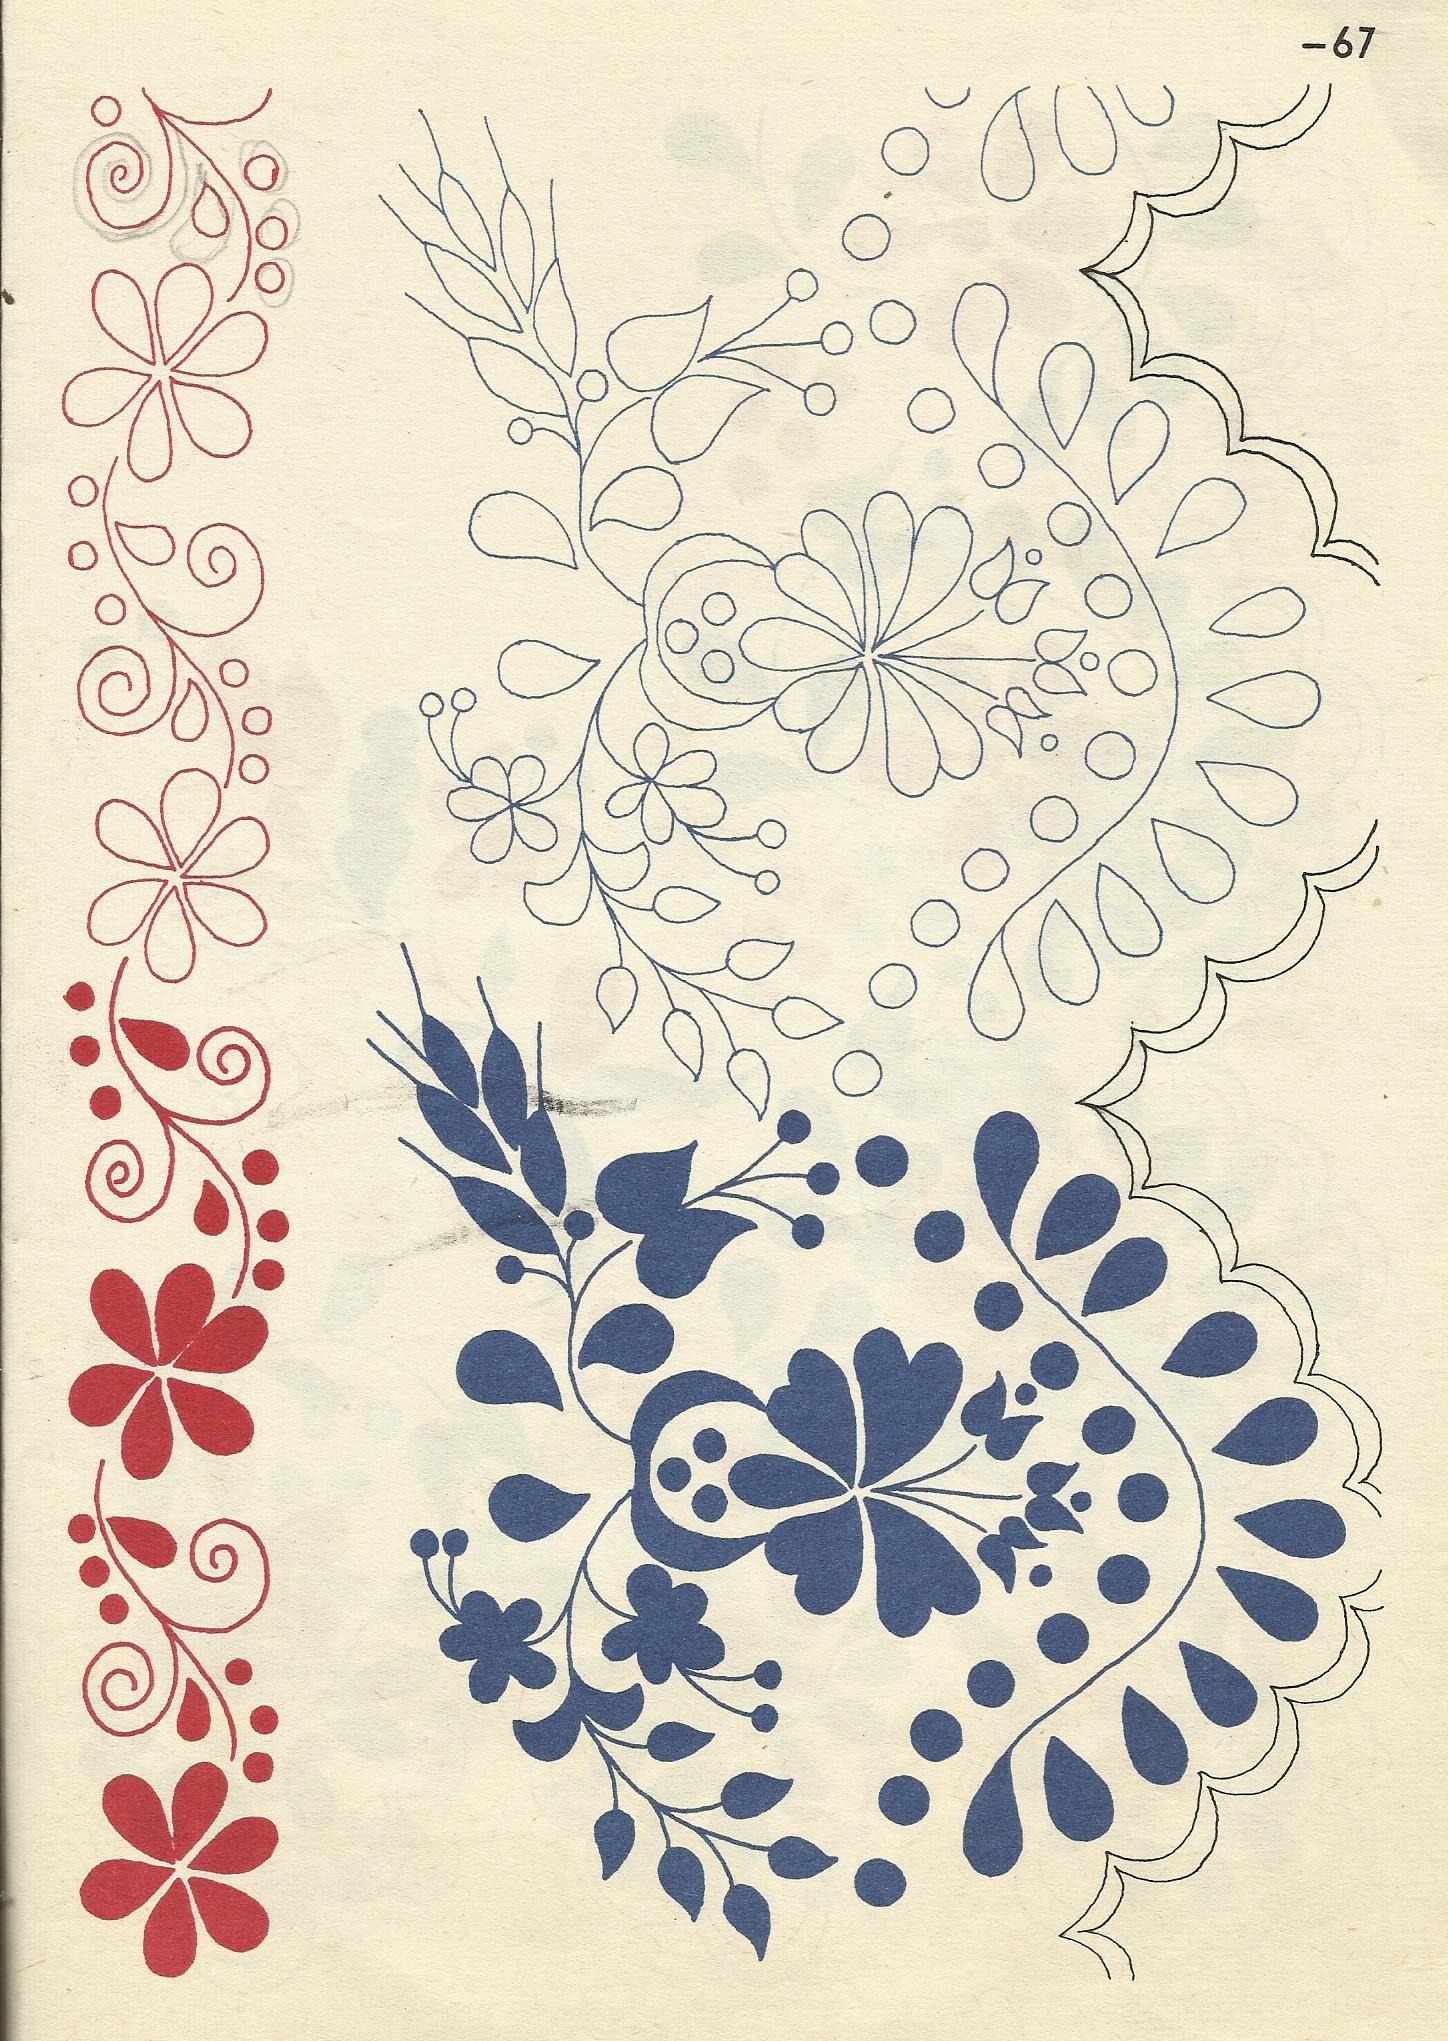 Bordado   Caligrafia   Bordado, Bordado húngaro y Monograma bordado